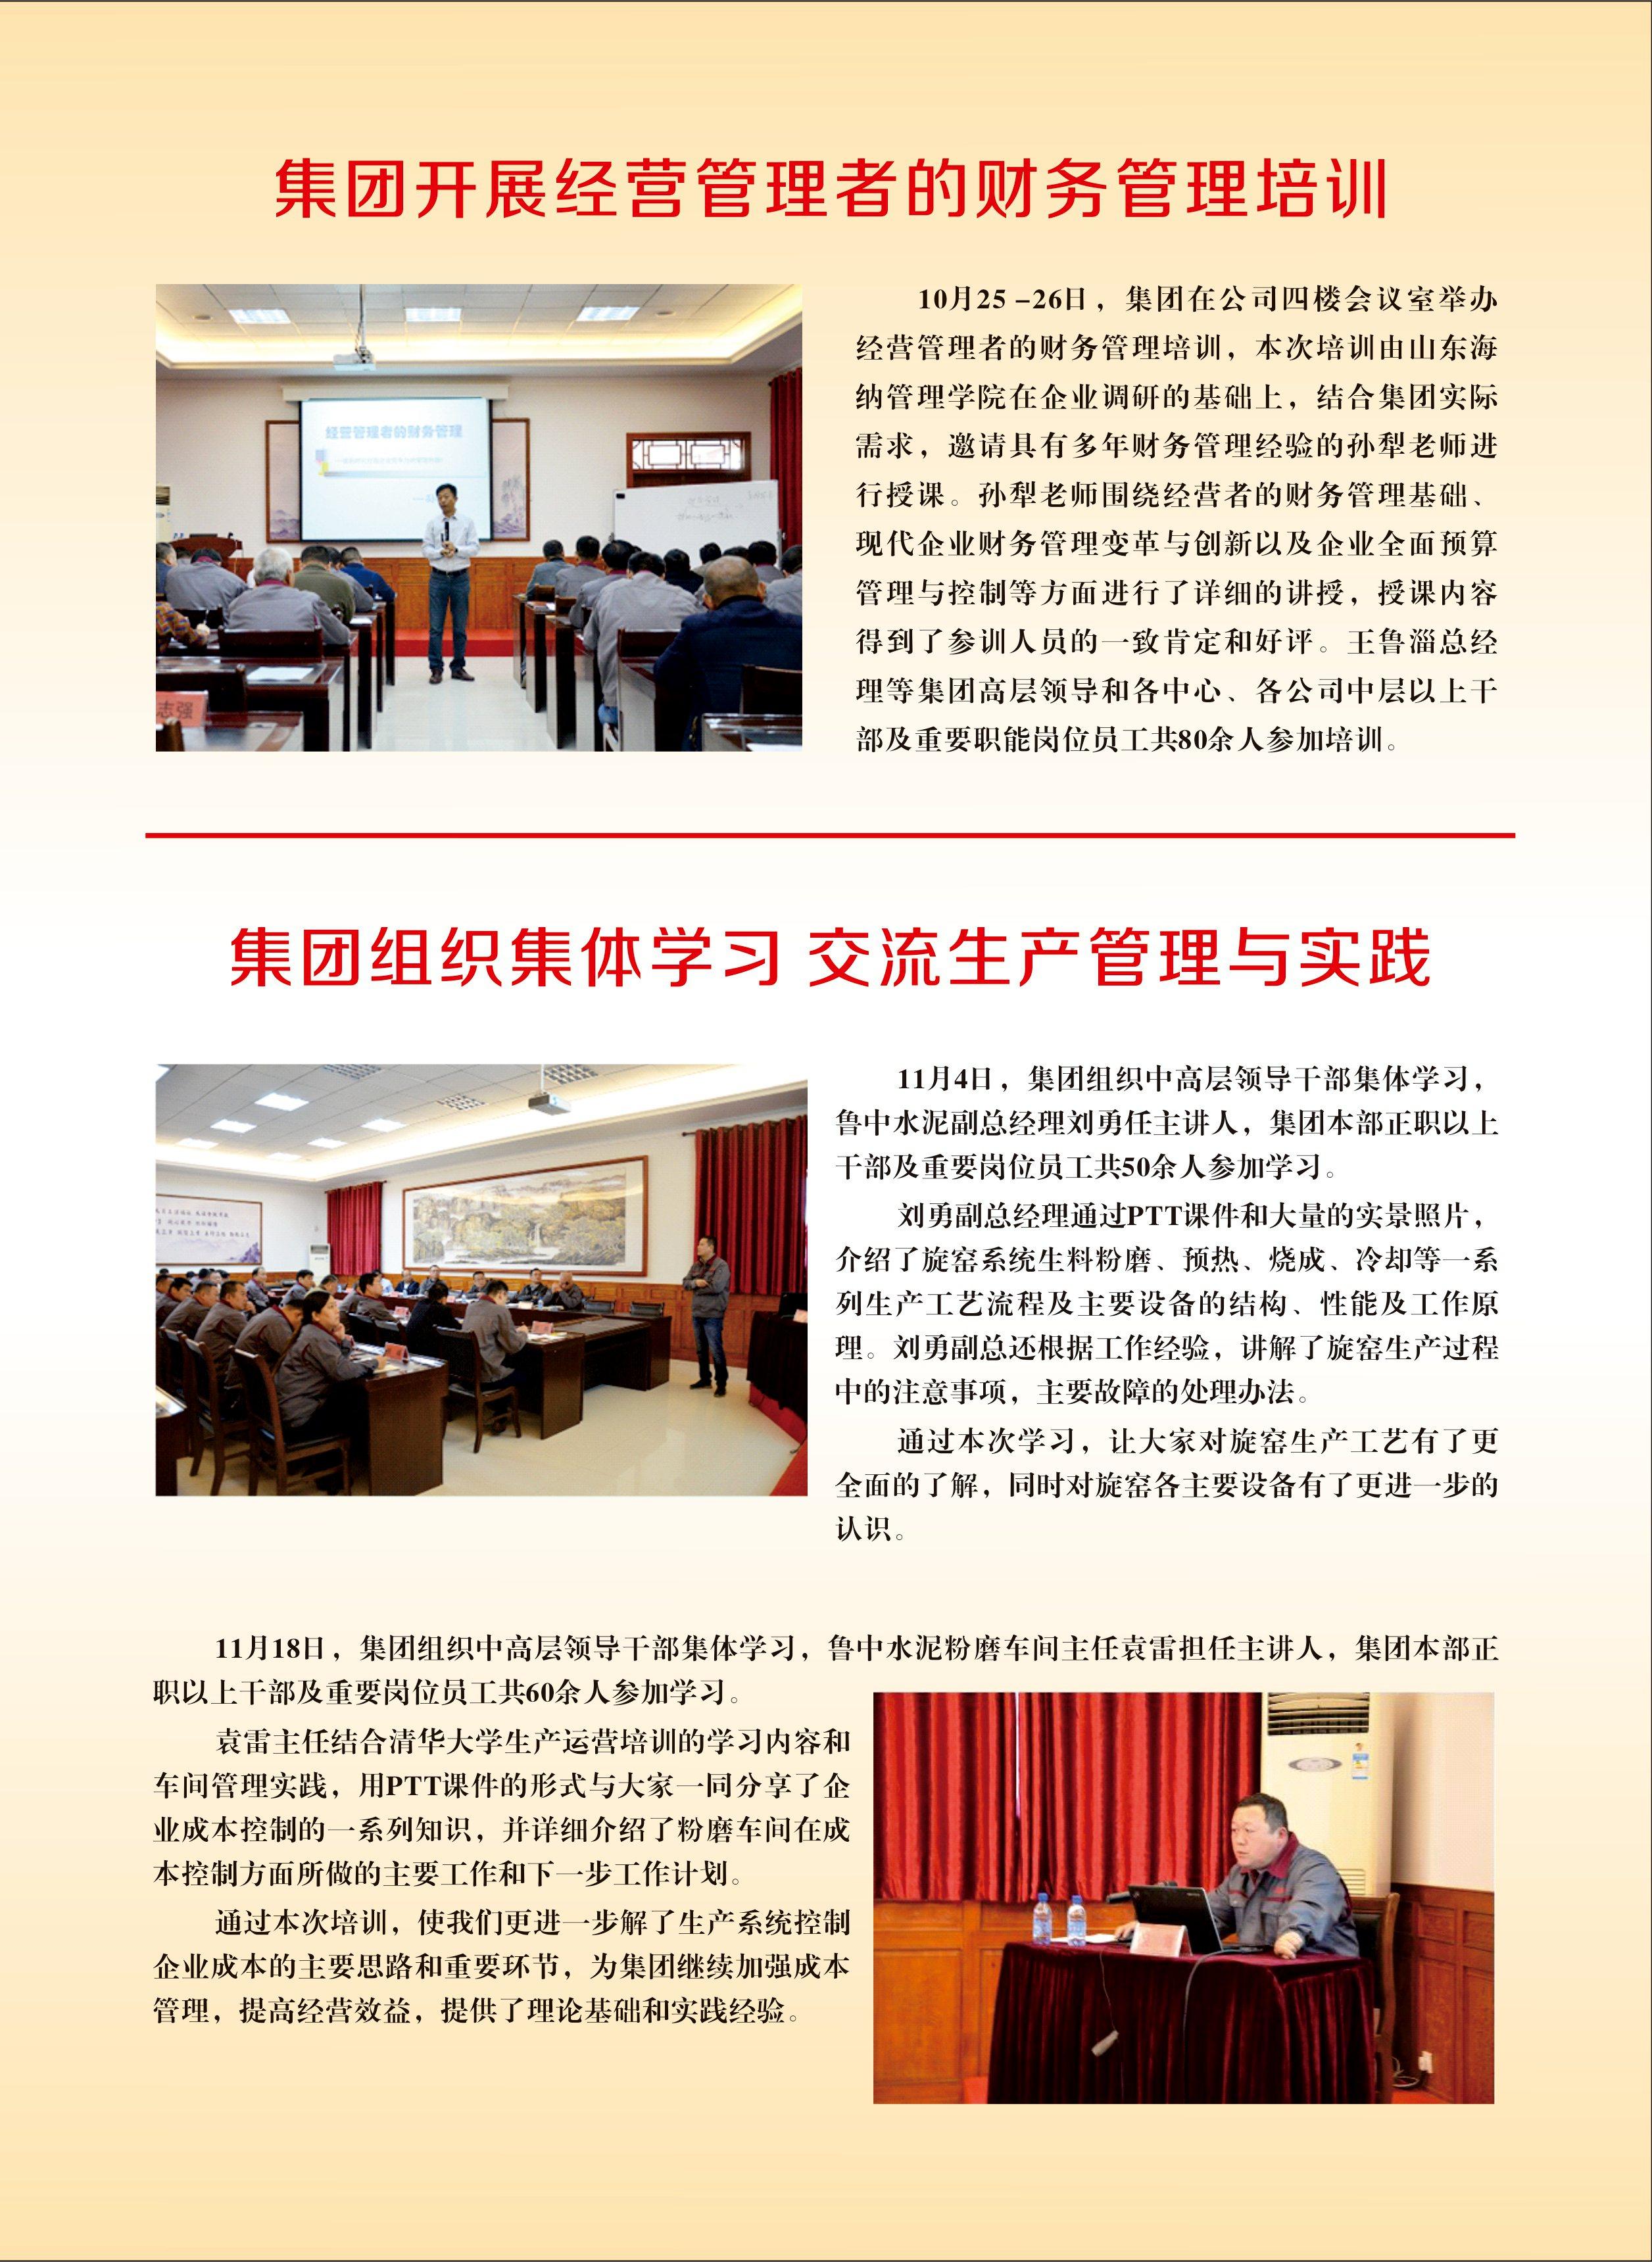 彩页3.jpg